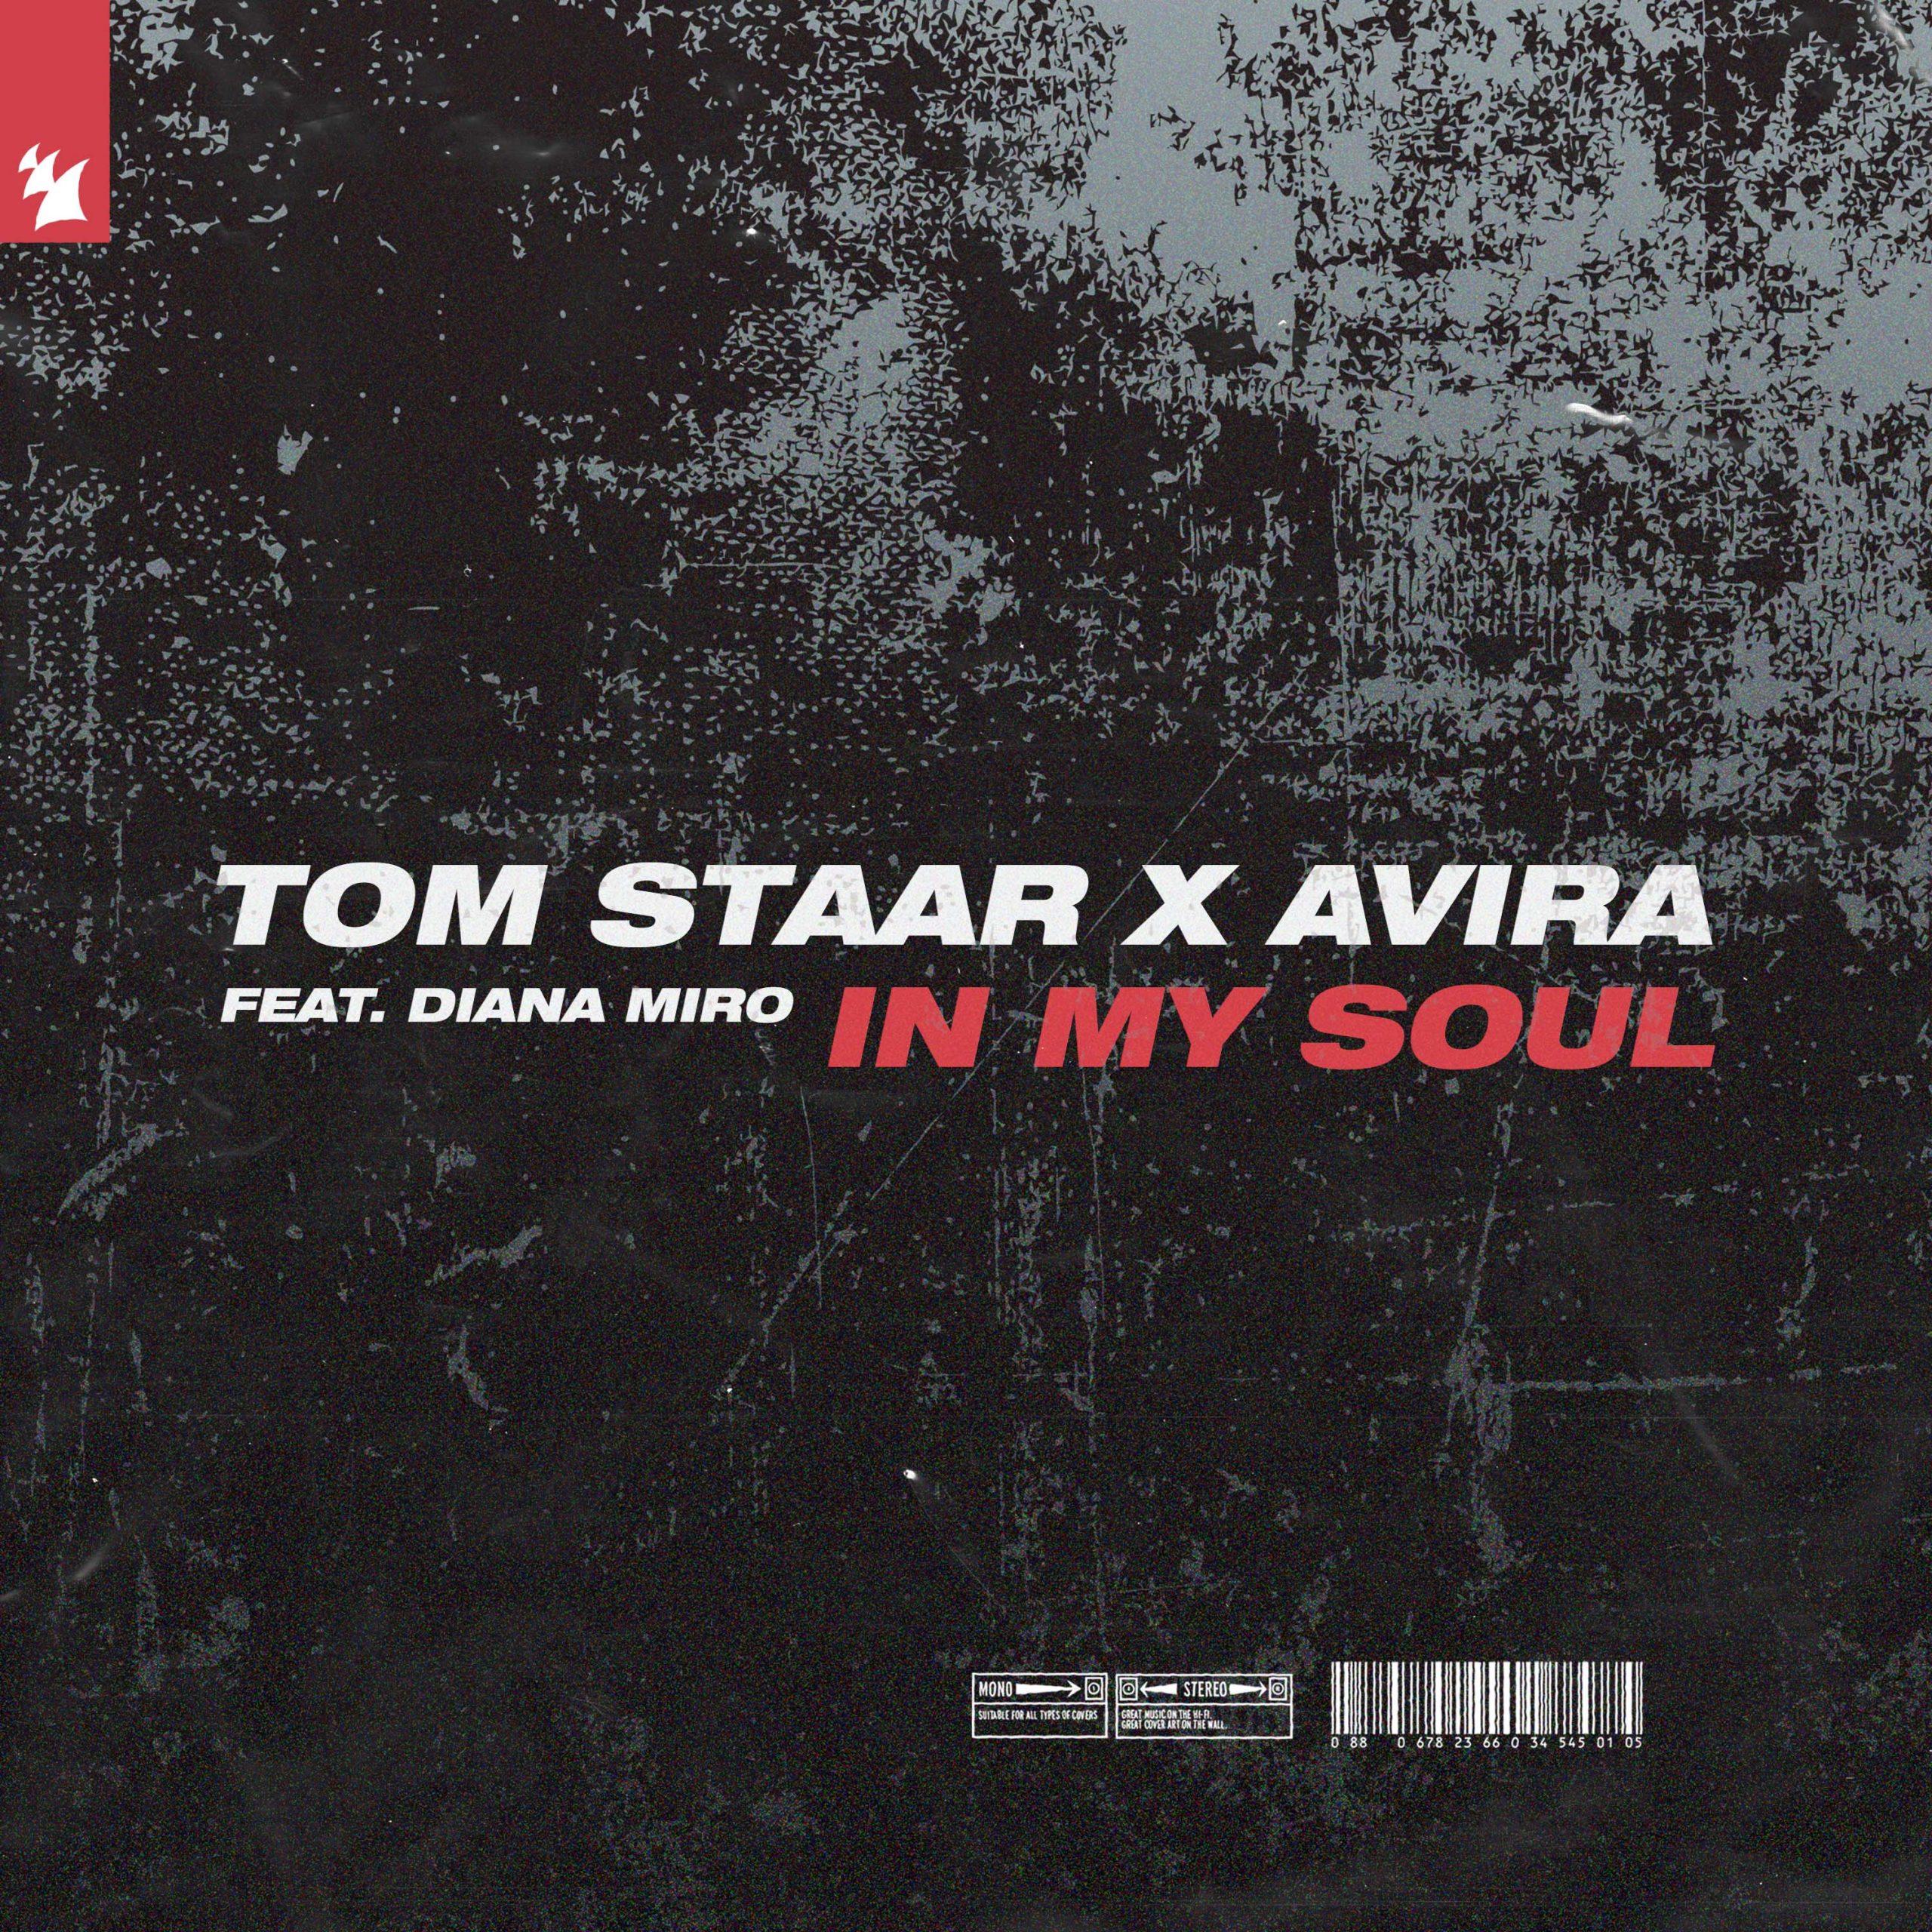 Tom Staar AVIRA In My Soul Diana Miro